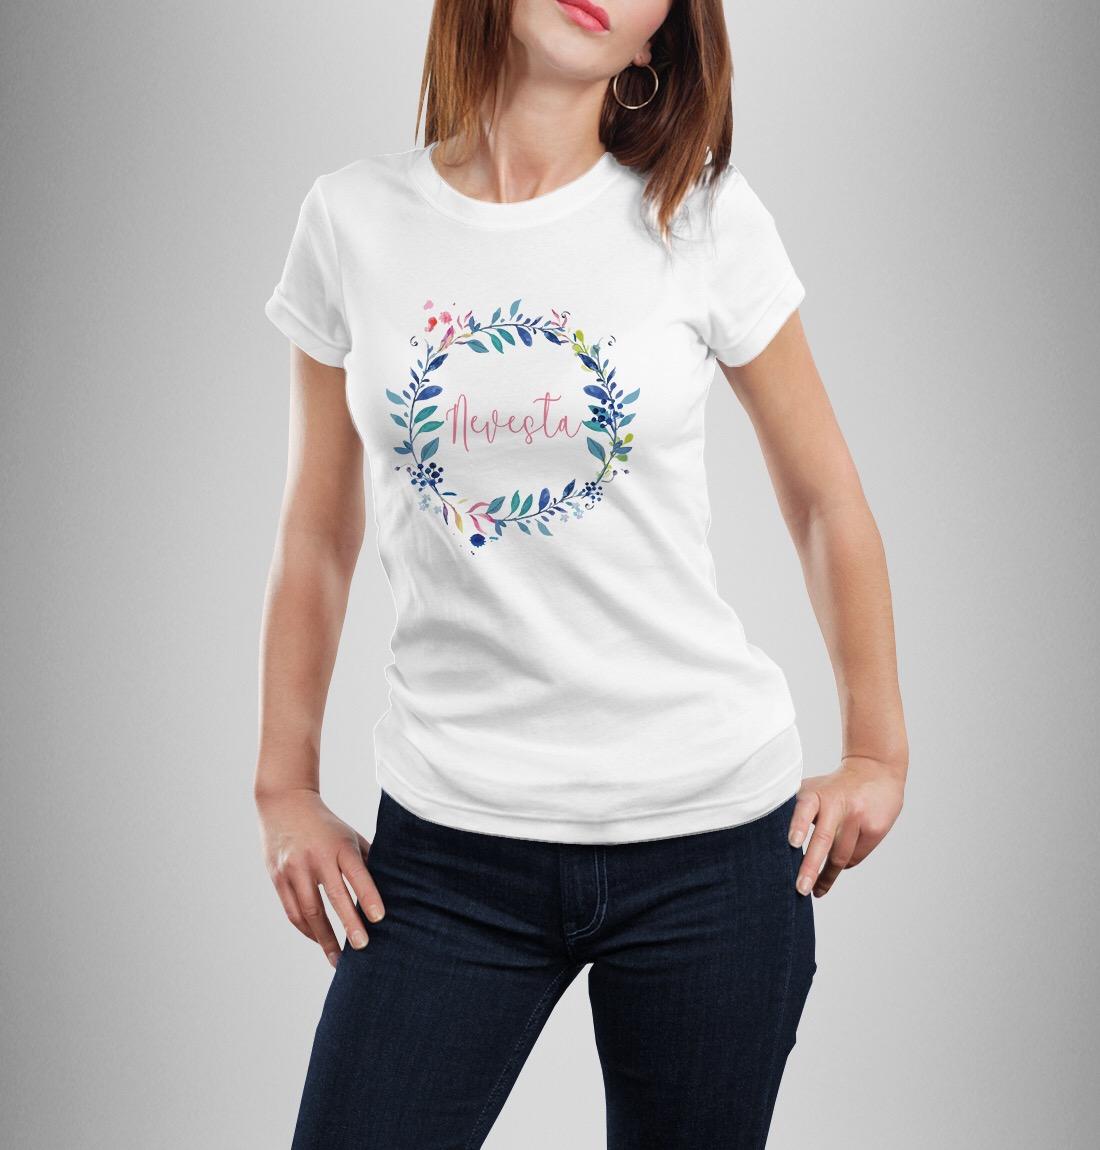 Tričko nie len pre nevestu - Obrázok č. 1